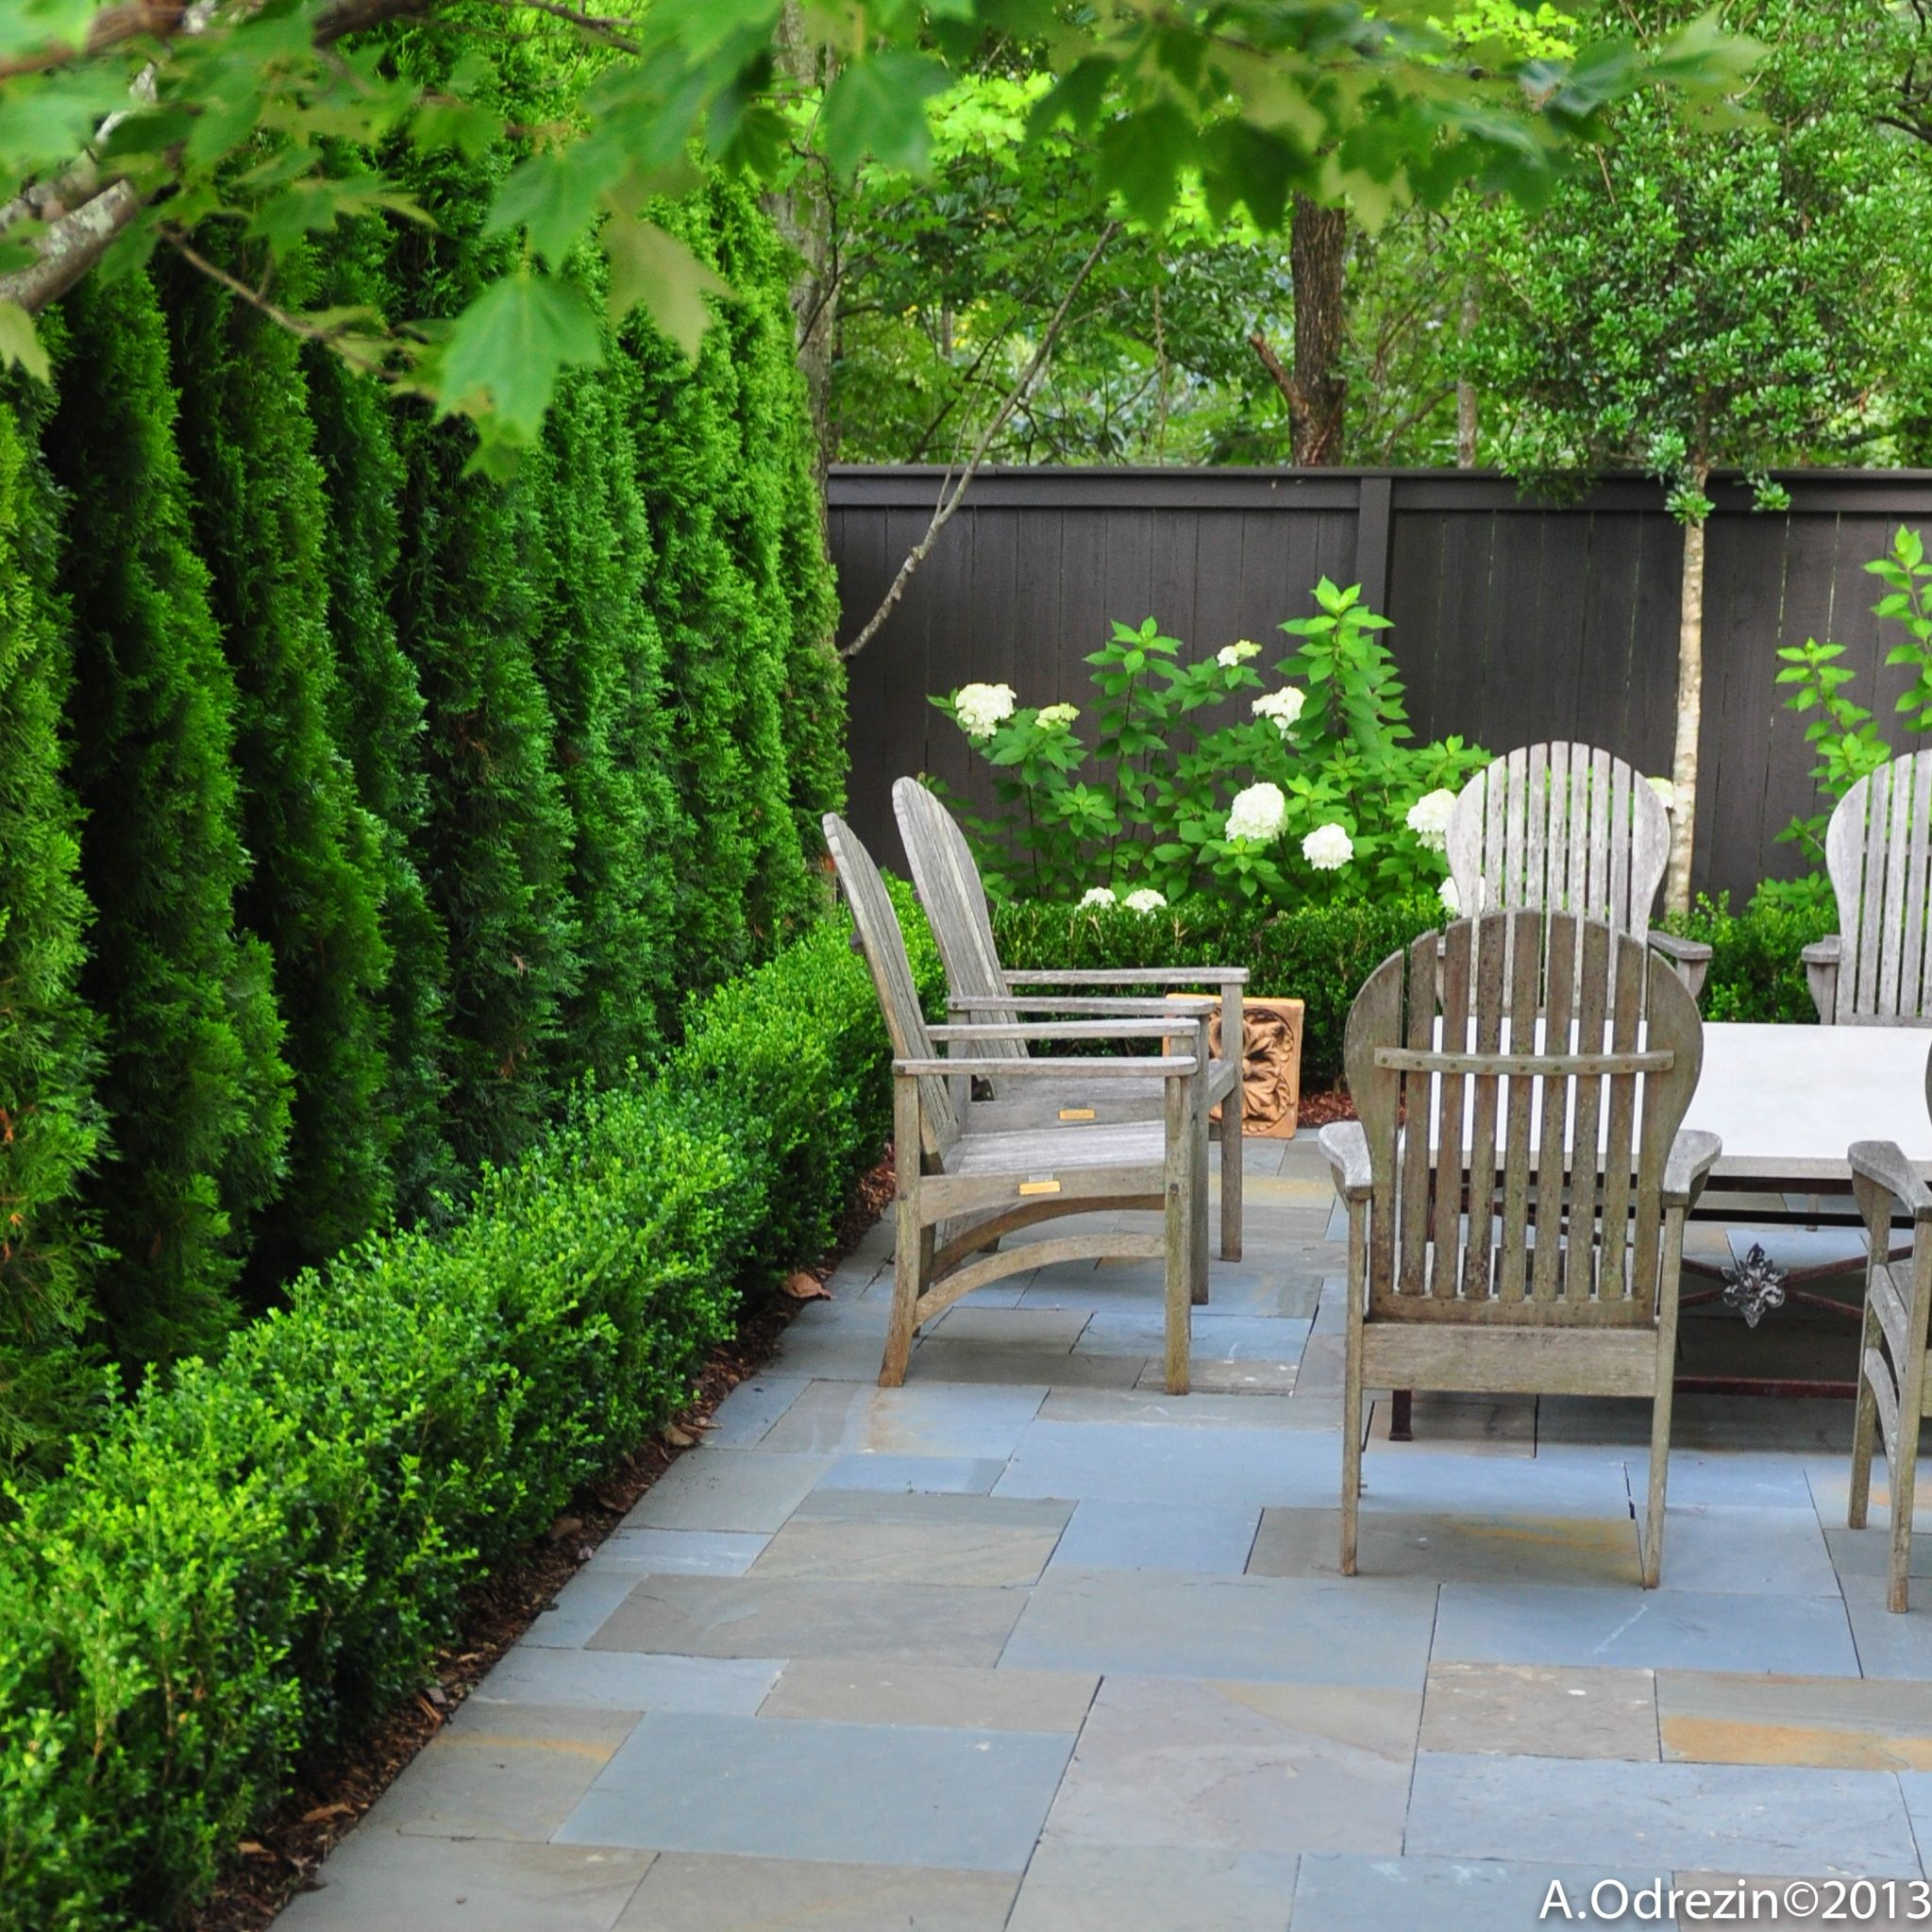 Falkner gardens garden terrace at mountain brook for 10 plants for courtyard gardens design